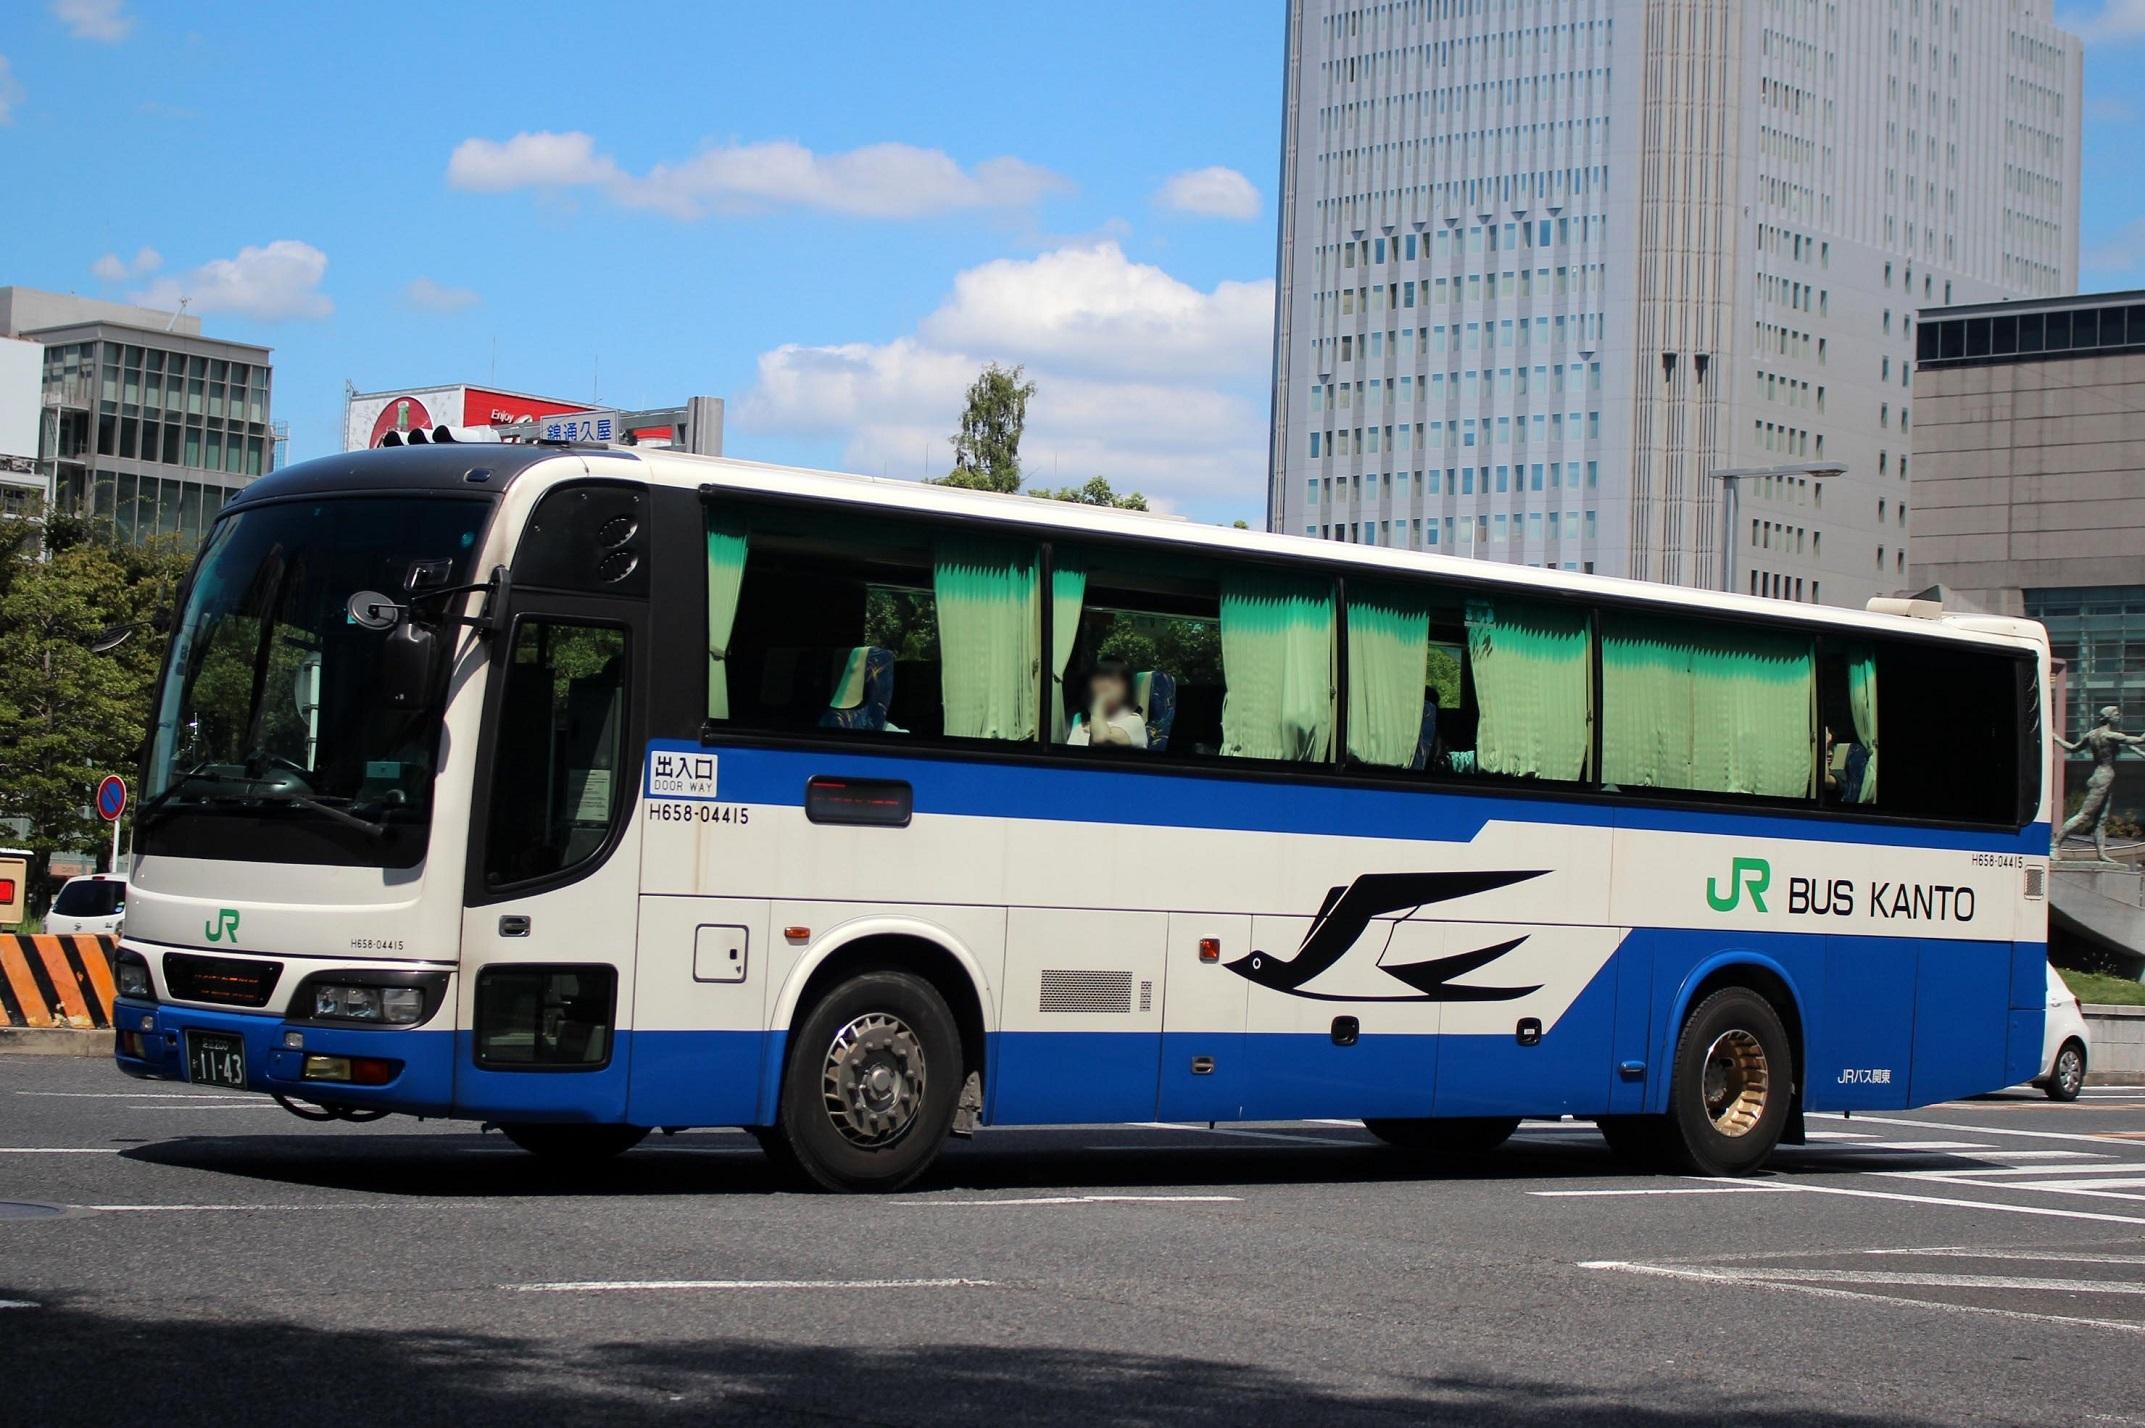 JRバス関東 H658-04415